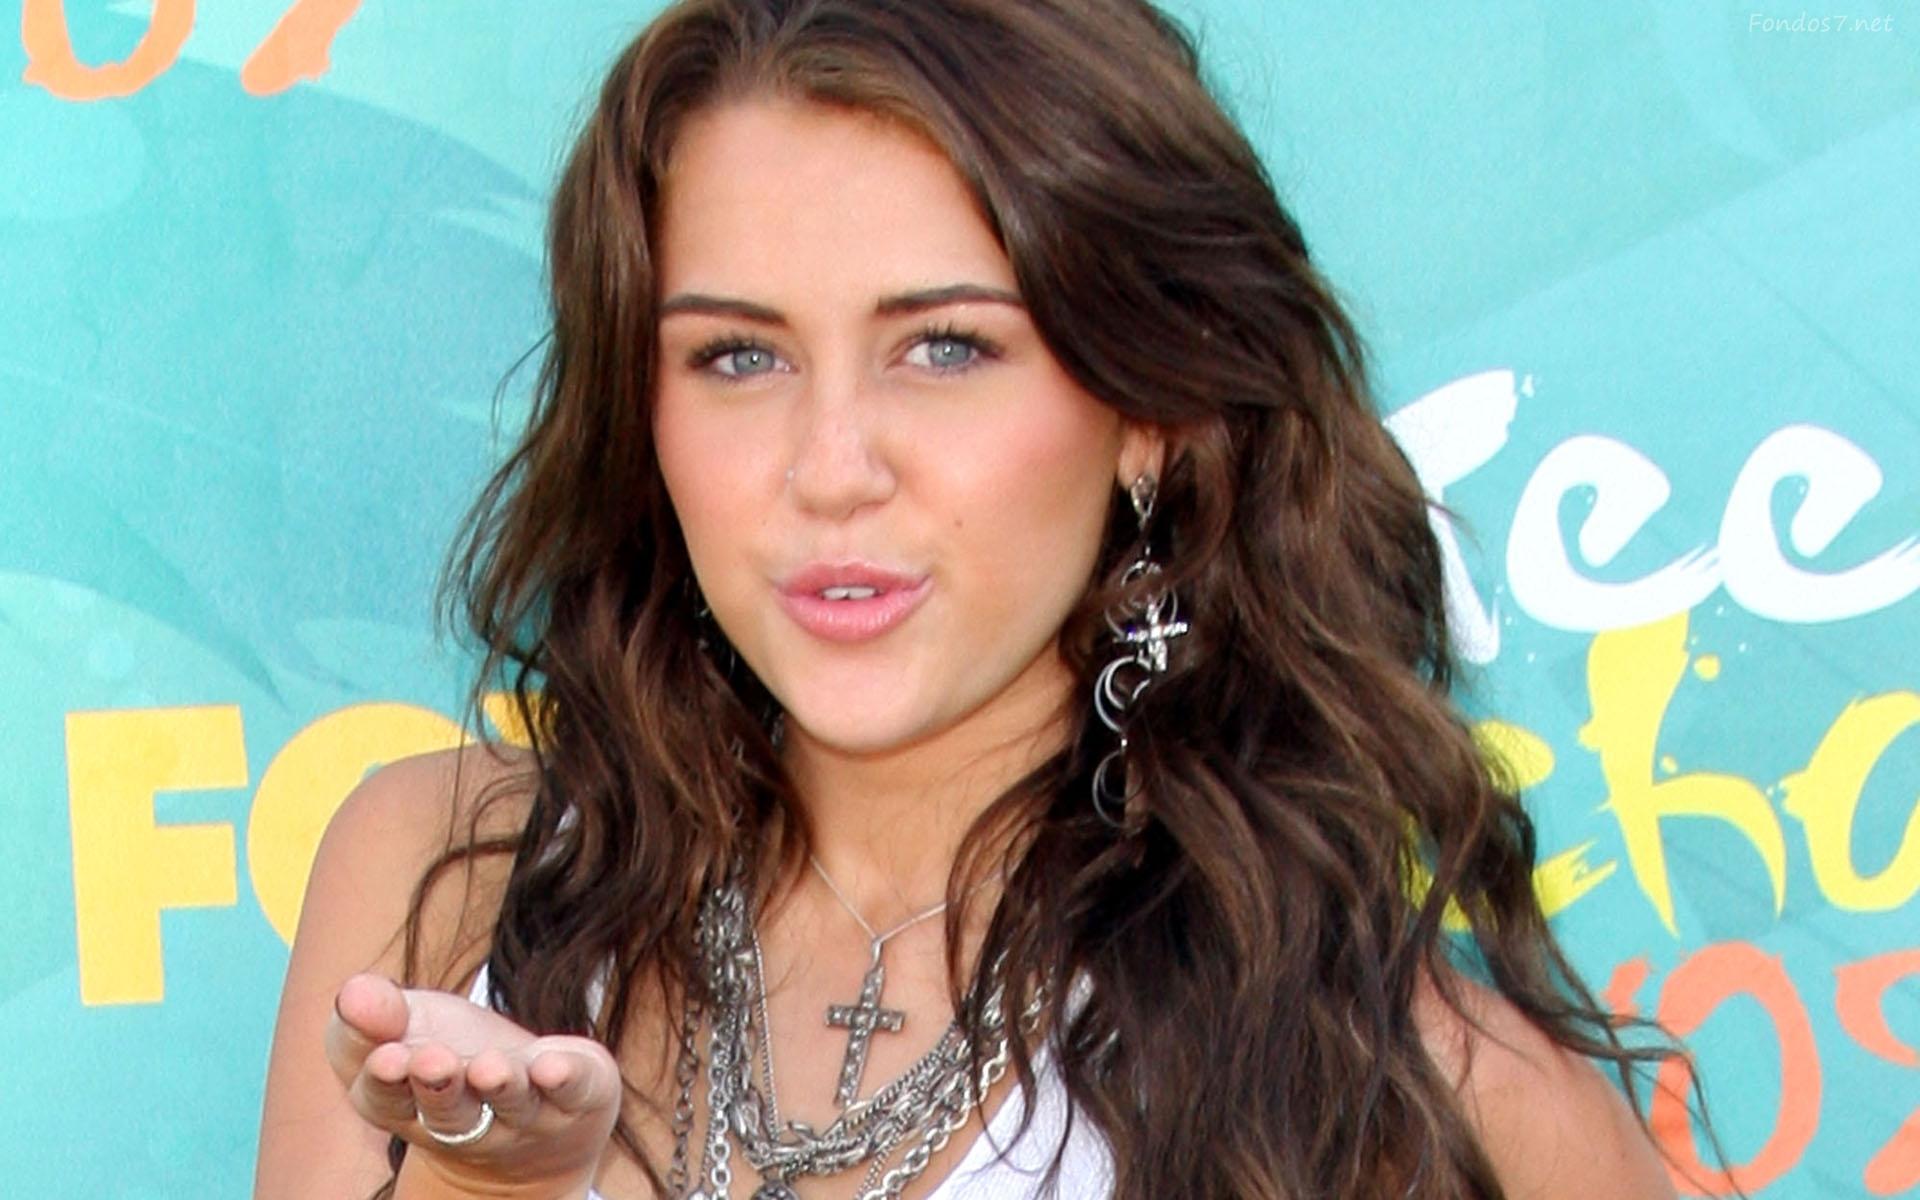 Miley Cyrus miley Miley Cyrus